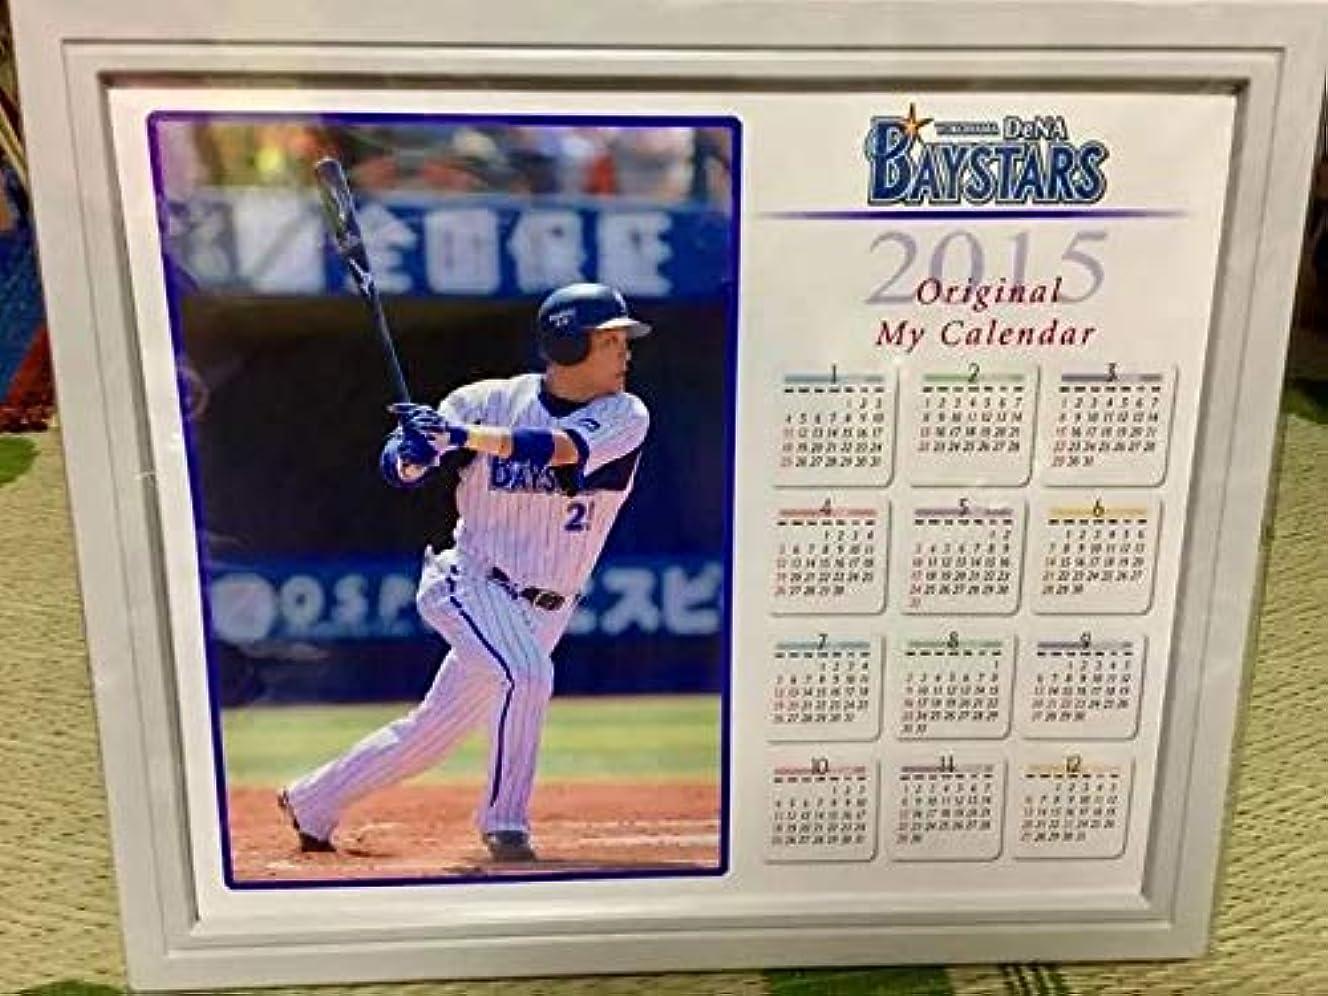 運賃海里に付ける横浜DeNAベイスターズ筒香嘉智選手2015カレンダー